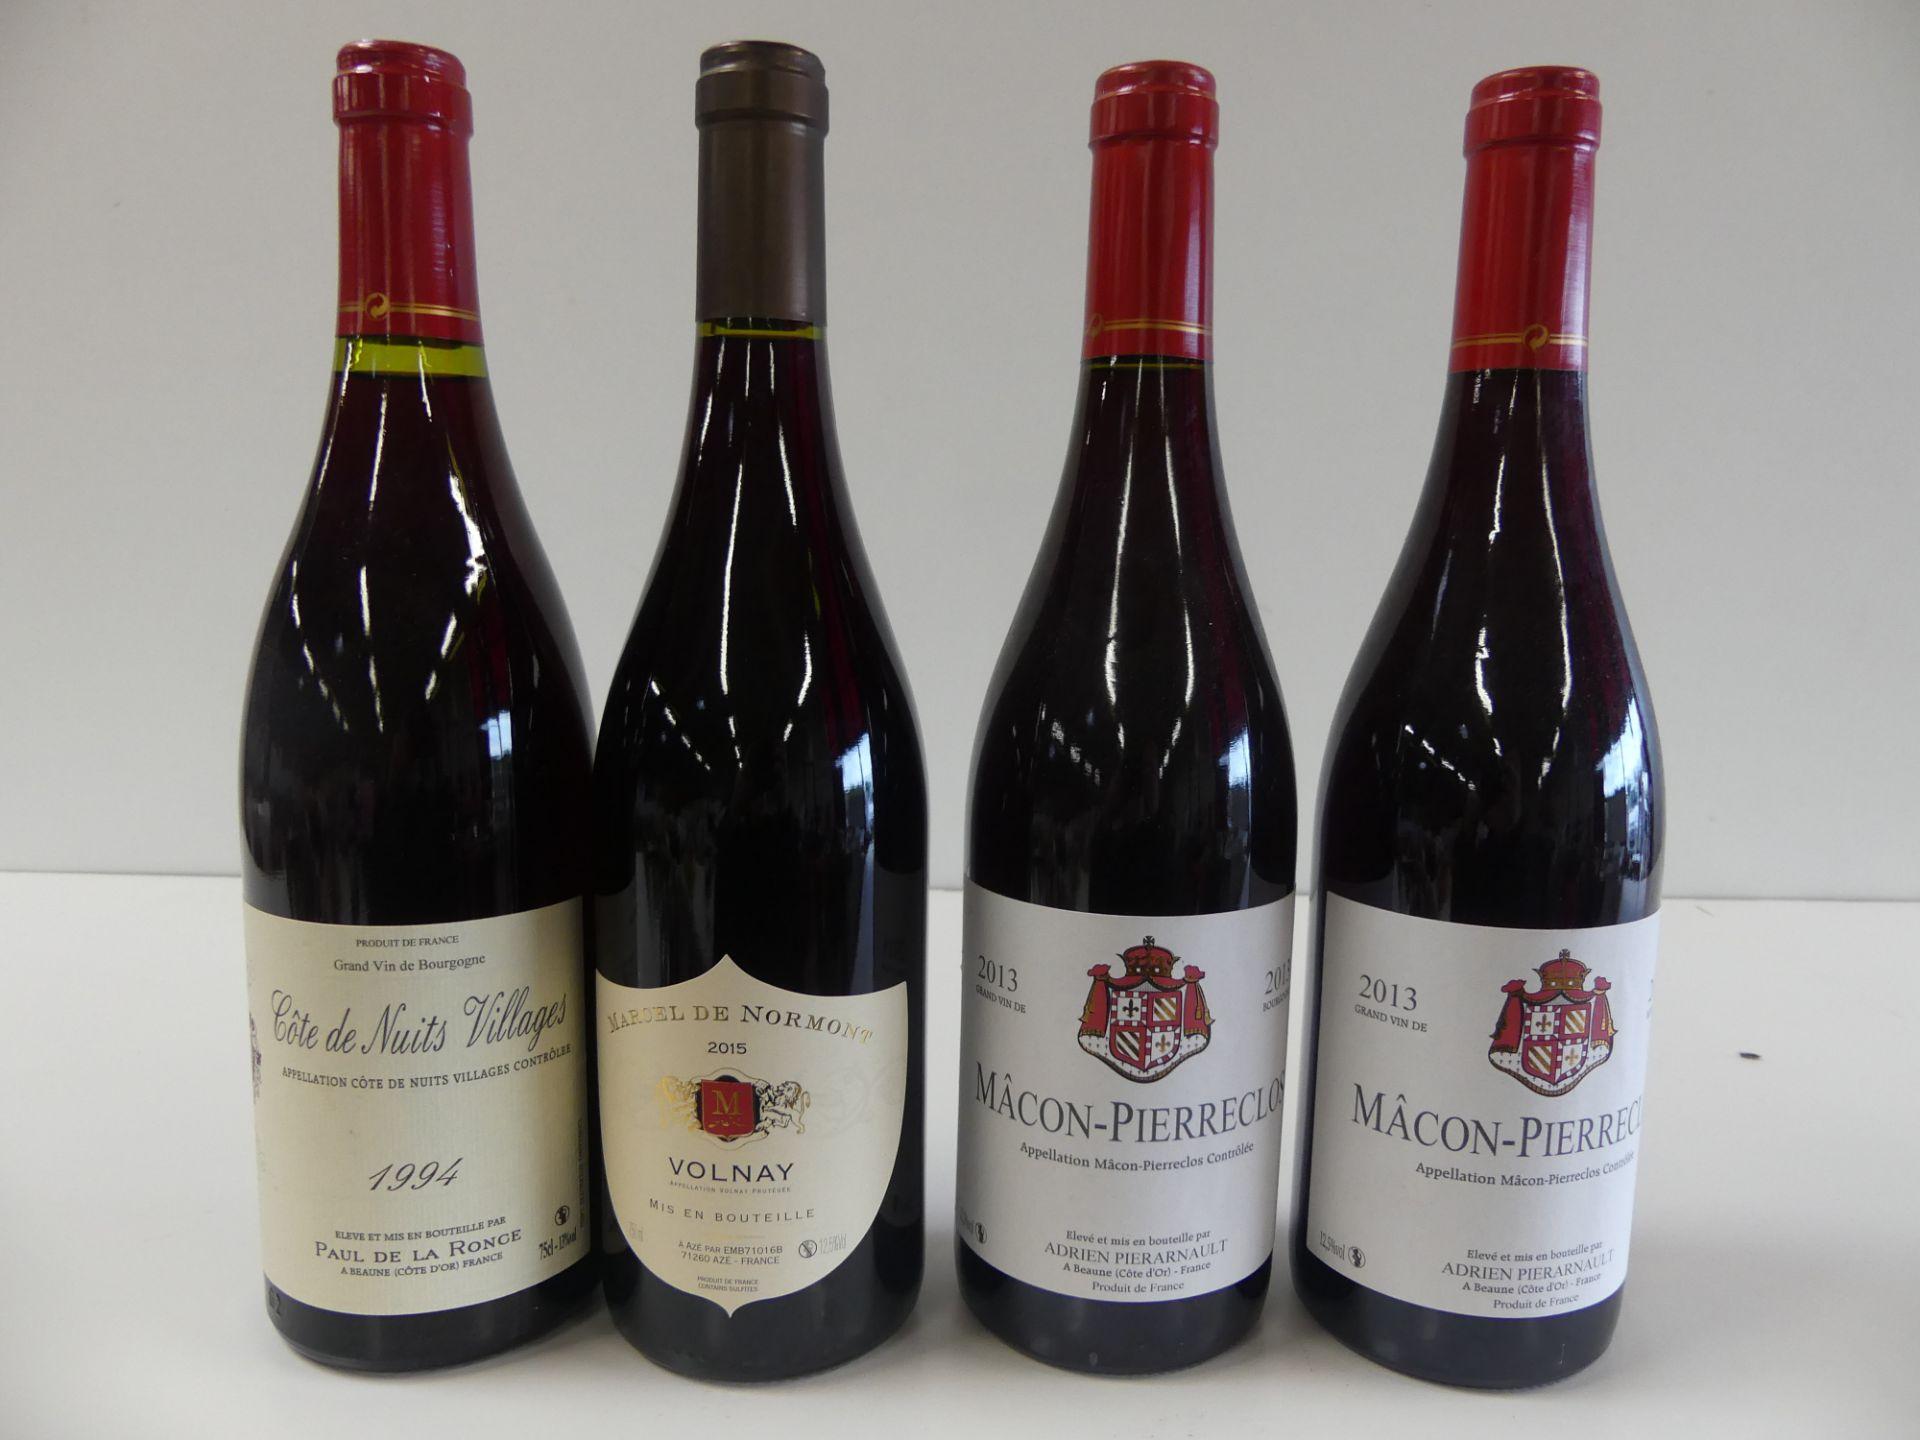 Los 44 - 4 BTLES : 1 Bourgogne Rouge Volnay Marcel de Normont 2015 ; 1 Côtes de Nuits [...]